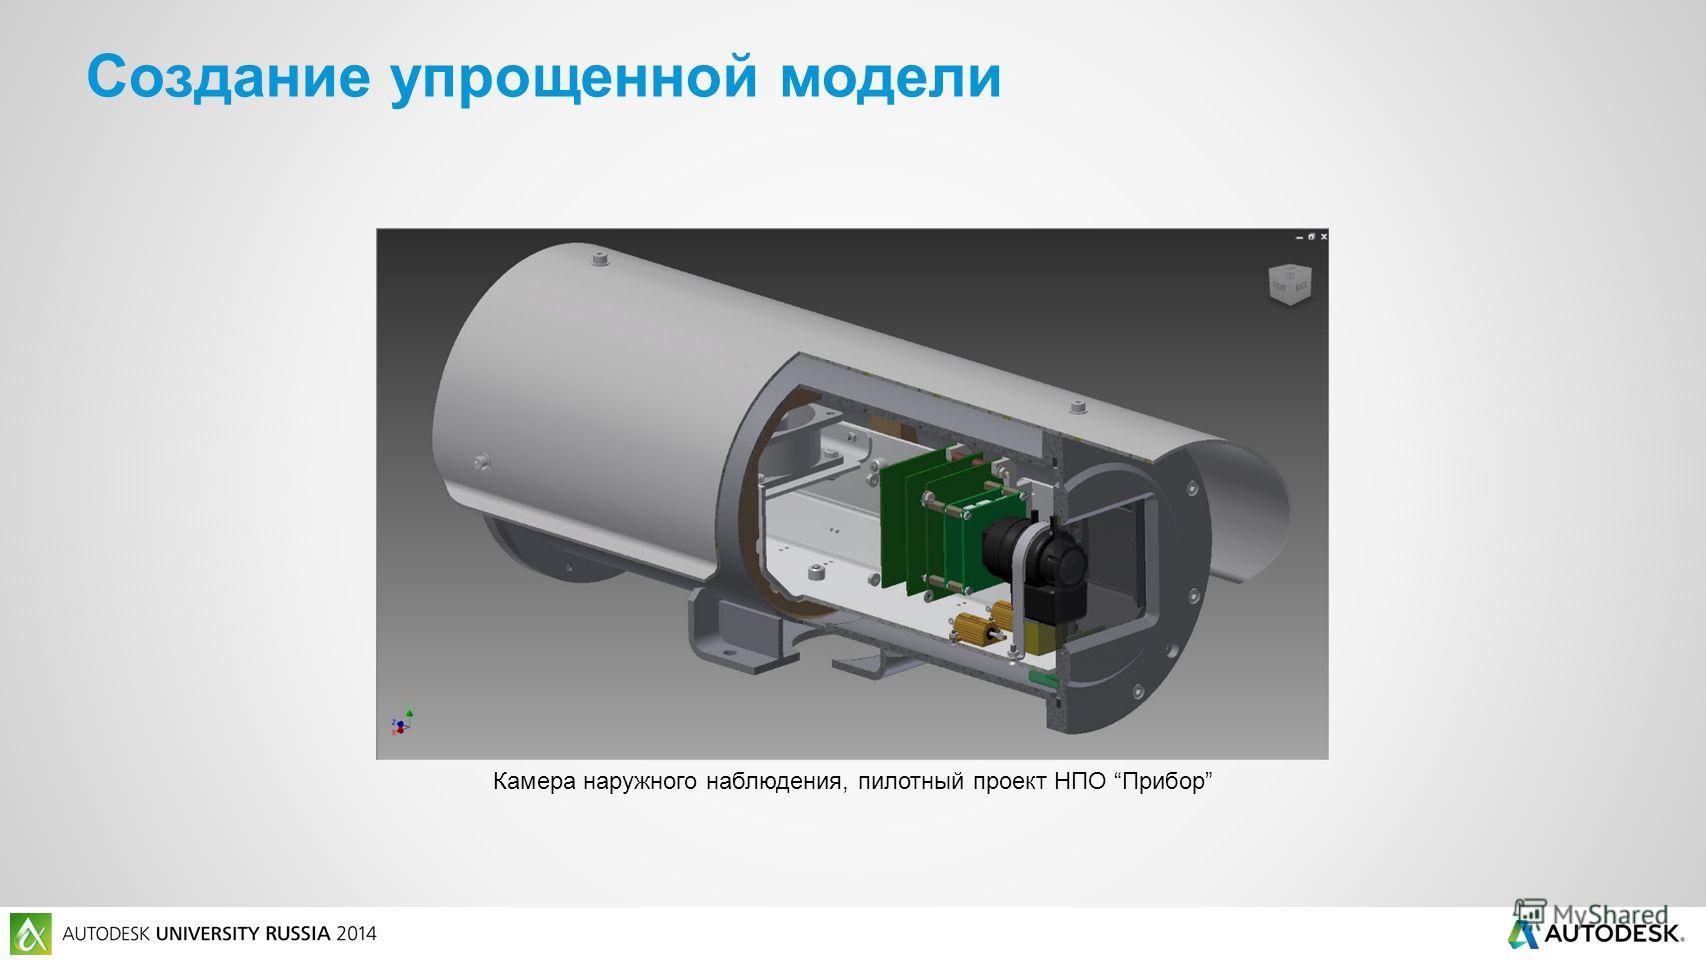 Создание упрощенной модели Камера наружного наблюдения, пилотный проект НПО Прибор